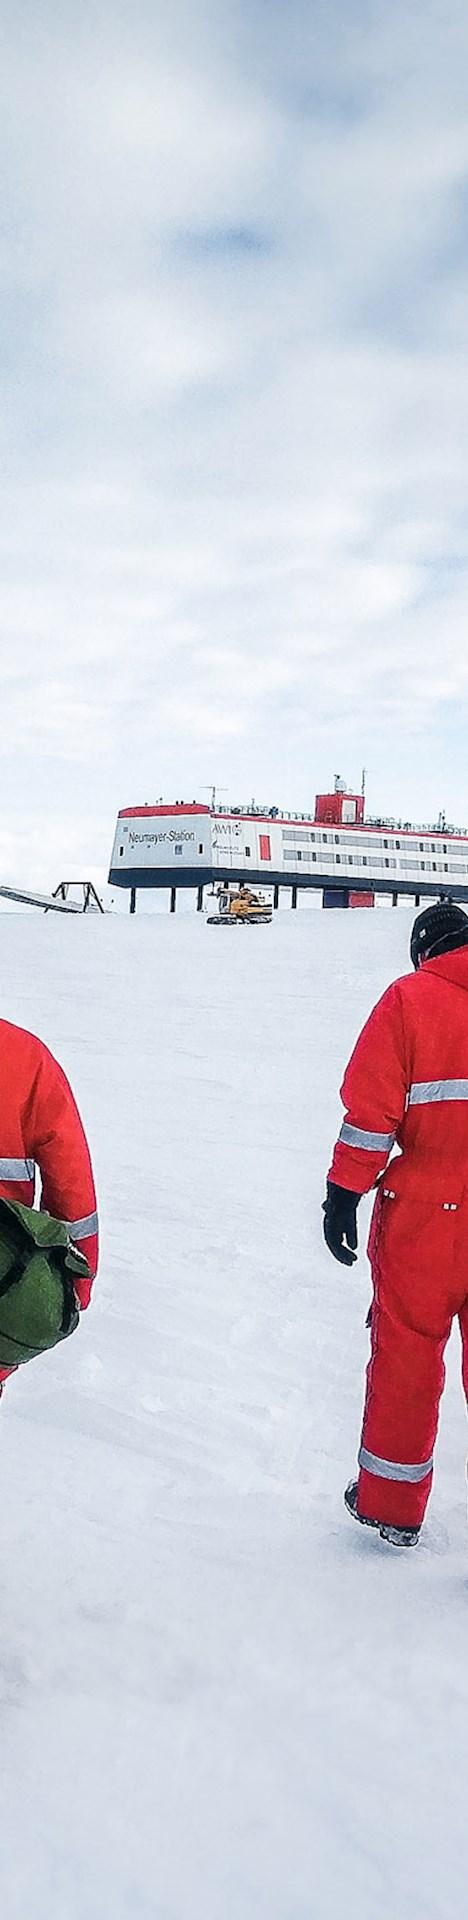 Eis Schnee Südpol Antarktis